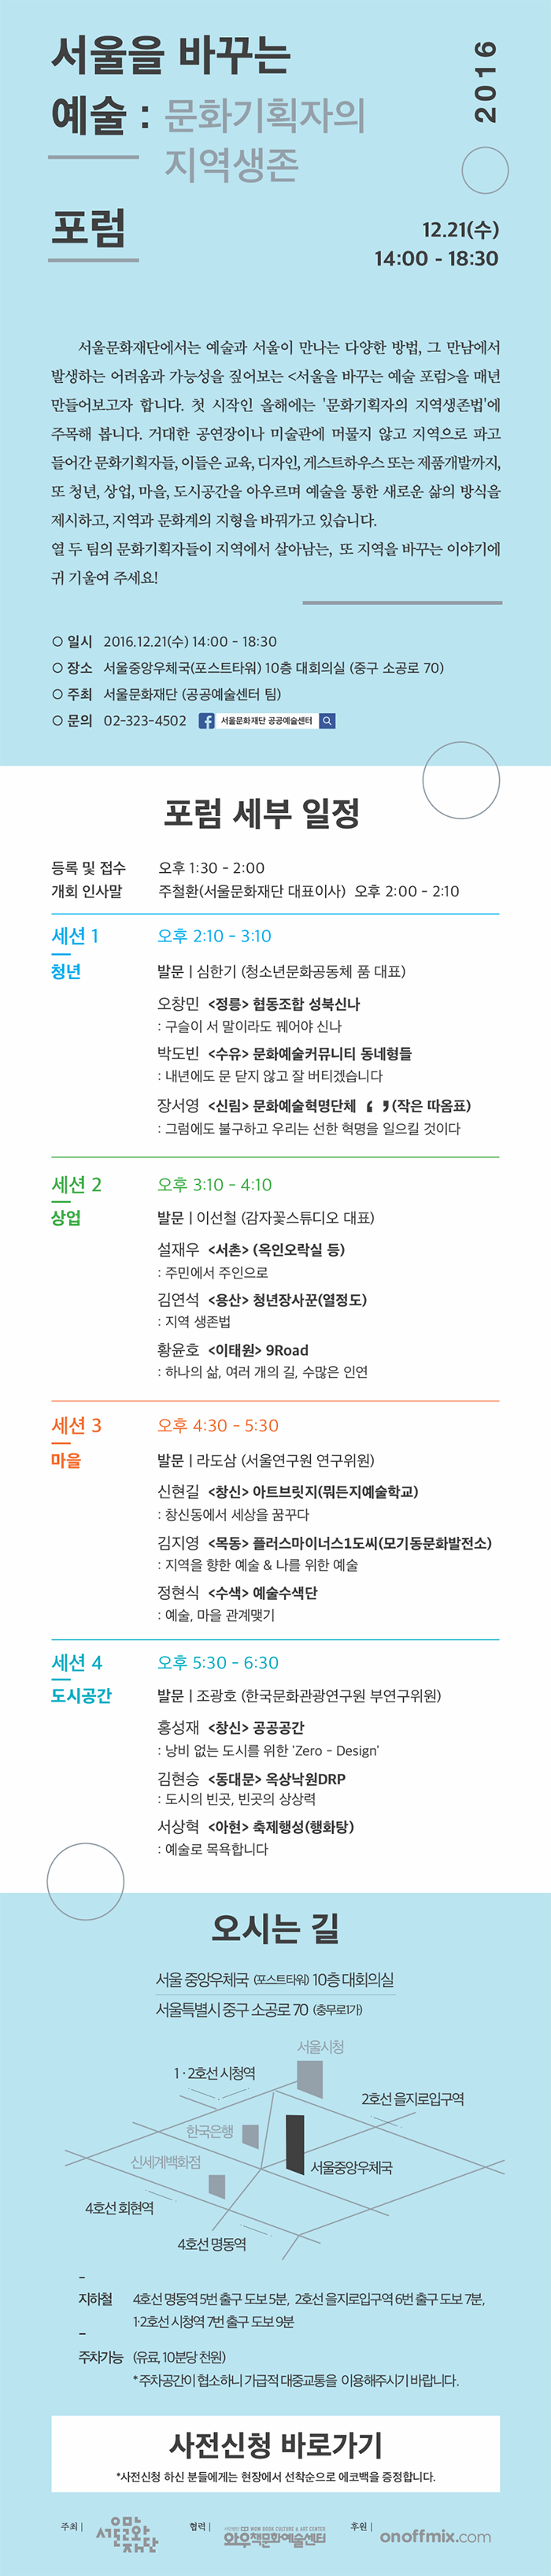 서울을 바꾸는 예술: 문화기획자의 지역생존 포럼 2016 12.21(수) 14:00 - 18:30 서울문화재단에서는 예술과 도시가 만나는 새로운 시도들을 주목하고자 서울을 바꾸는 예술포럼을 준비했습니다. 예술과 서울이 보다 직접적으로 만나는 다양한 방법, 그 만남에서 발생하는 어려운과 또 가능성을 매년 짚어보고자 합니다. 올해 처음 열리는 이번포럼에서는 문화기획자의 지역 생존법에 주모개 봅니다. 거대한 공연장이나 미술관, 도서관에만 머물지 않고, 지역으로 파고 들어간 열두 팀의 문화기획자들에게 듣는 지역에서 살아남는, 또 지역을 바꾸는 이야기. 청년, 상업, 마을, 도시공간 네가지 키워드로 살펴보는 그들의 진짜 고민에 귀 기울여 주세요! 일시 2016.12.21.(수) 14:00 - 18:30 장소 서울중앙우체국((포스트타워) 10층 대회의실 (중구 소공로 70) 주최 서울문화재단 (공공예술센터 팀) 문의 02-323-4502 포럼 세부 일정 오시는 길 서울 중앙우체국 (포스트 타워) 10층 대회의실 서울특별시 중구 소공로 70 (충무로가1가)